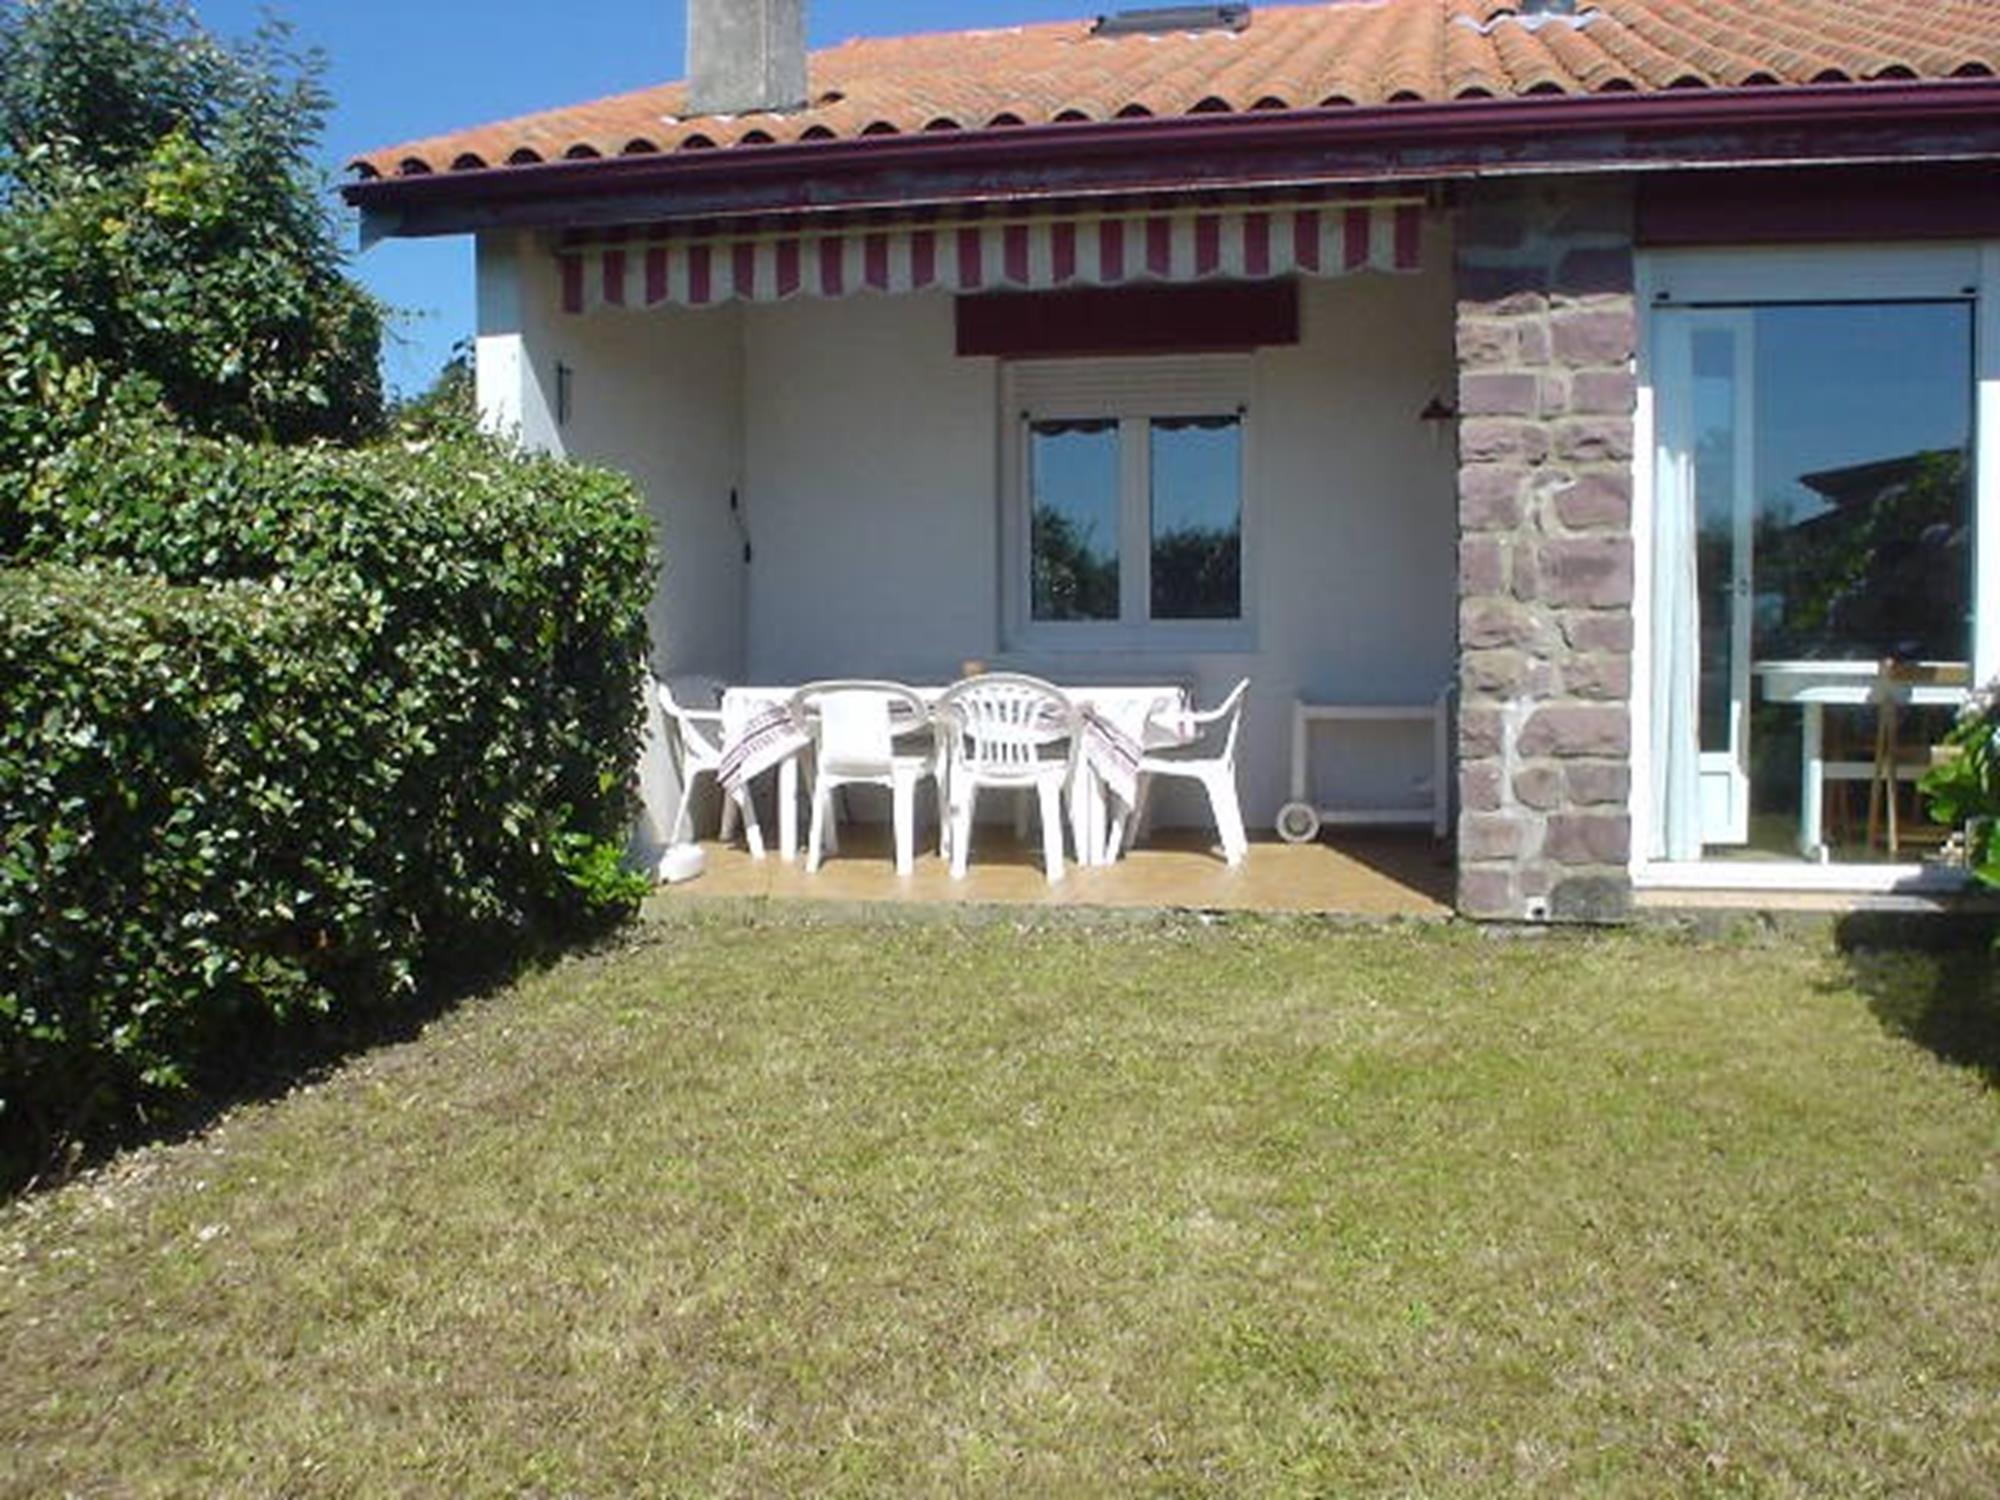 Maison individuelle avec jardin - Maison moderne avec jardin saint paul ...